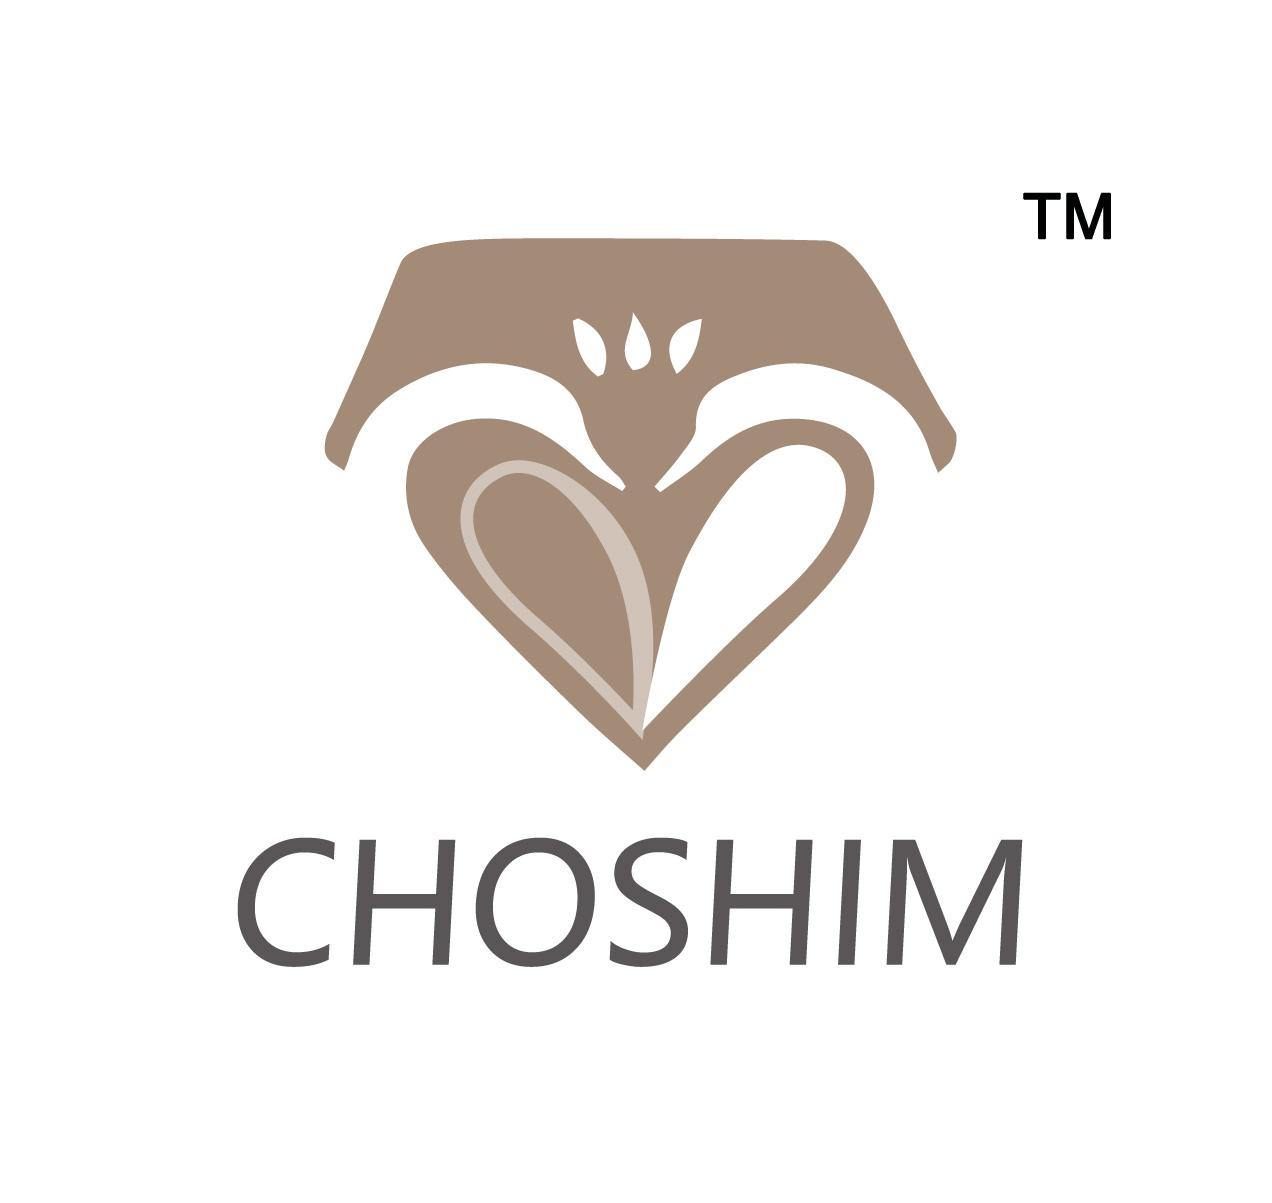 Choshim coupons